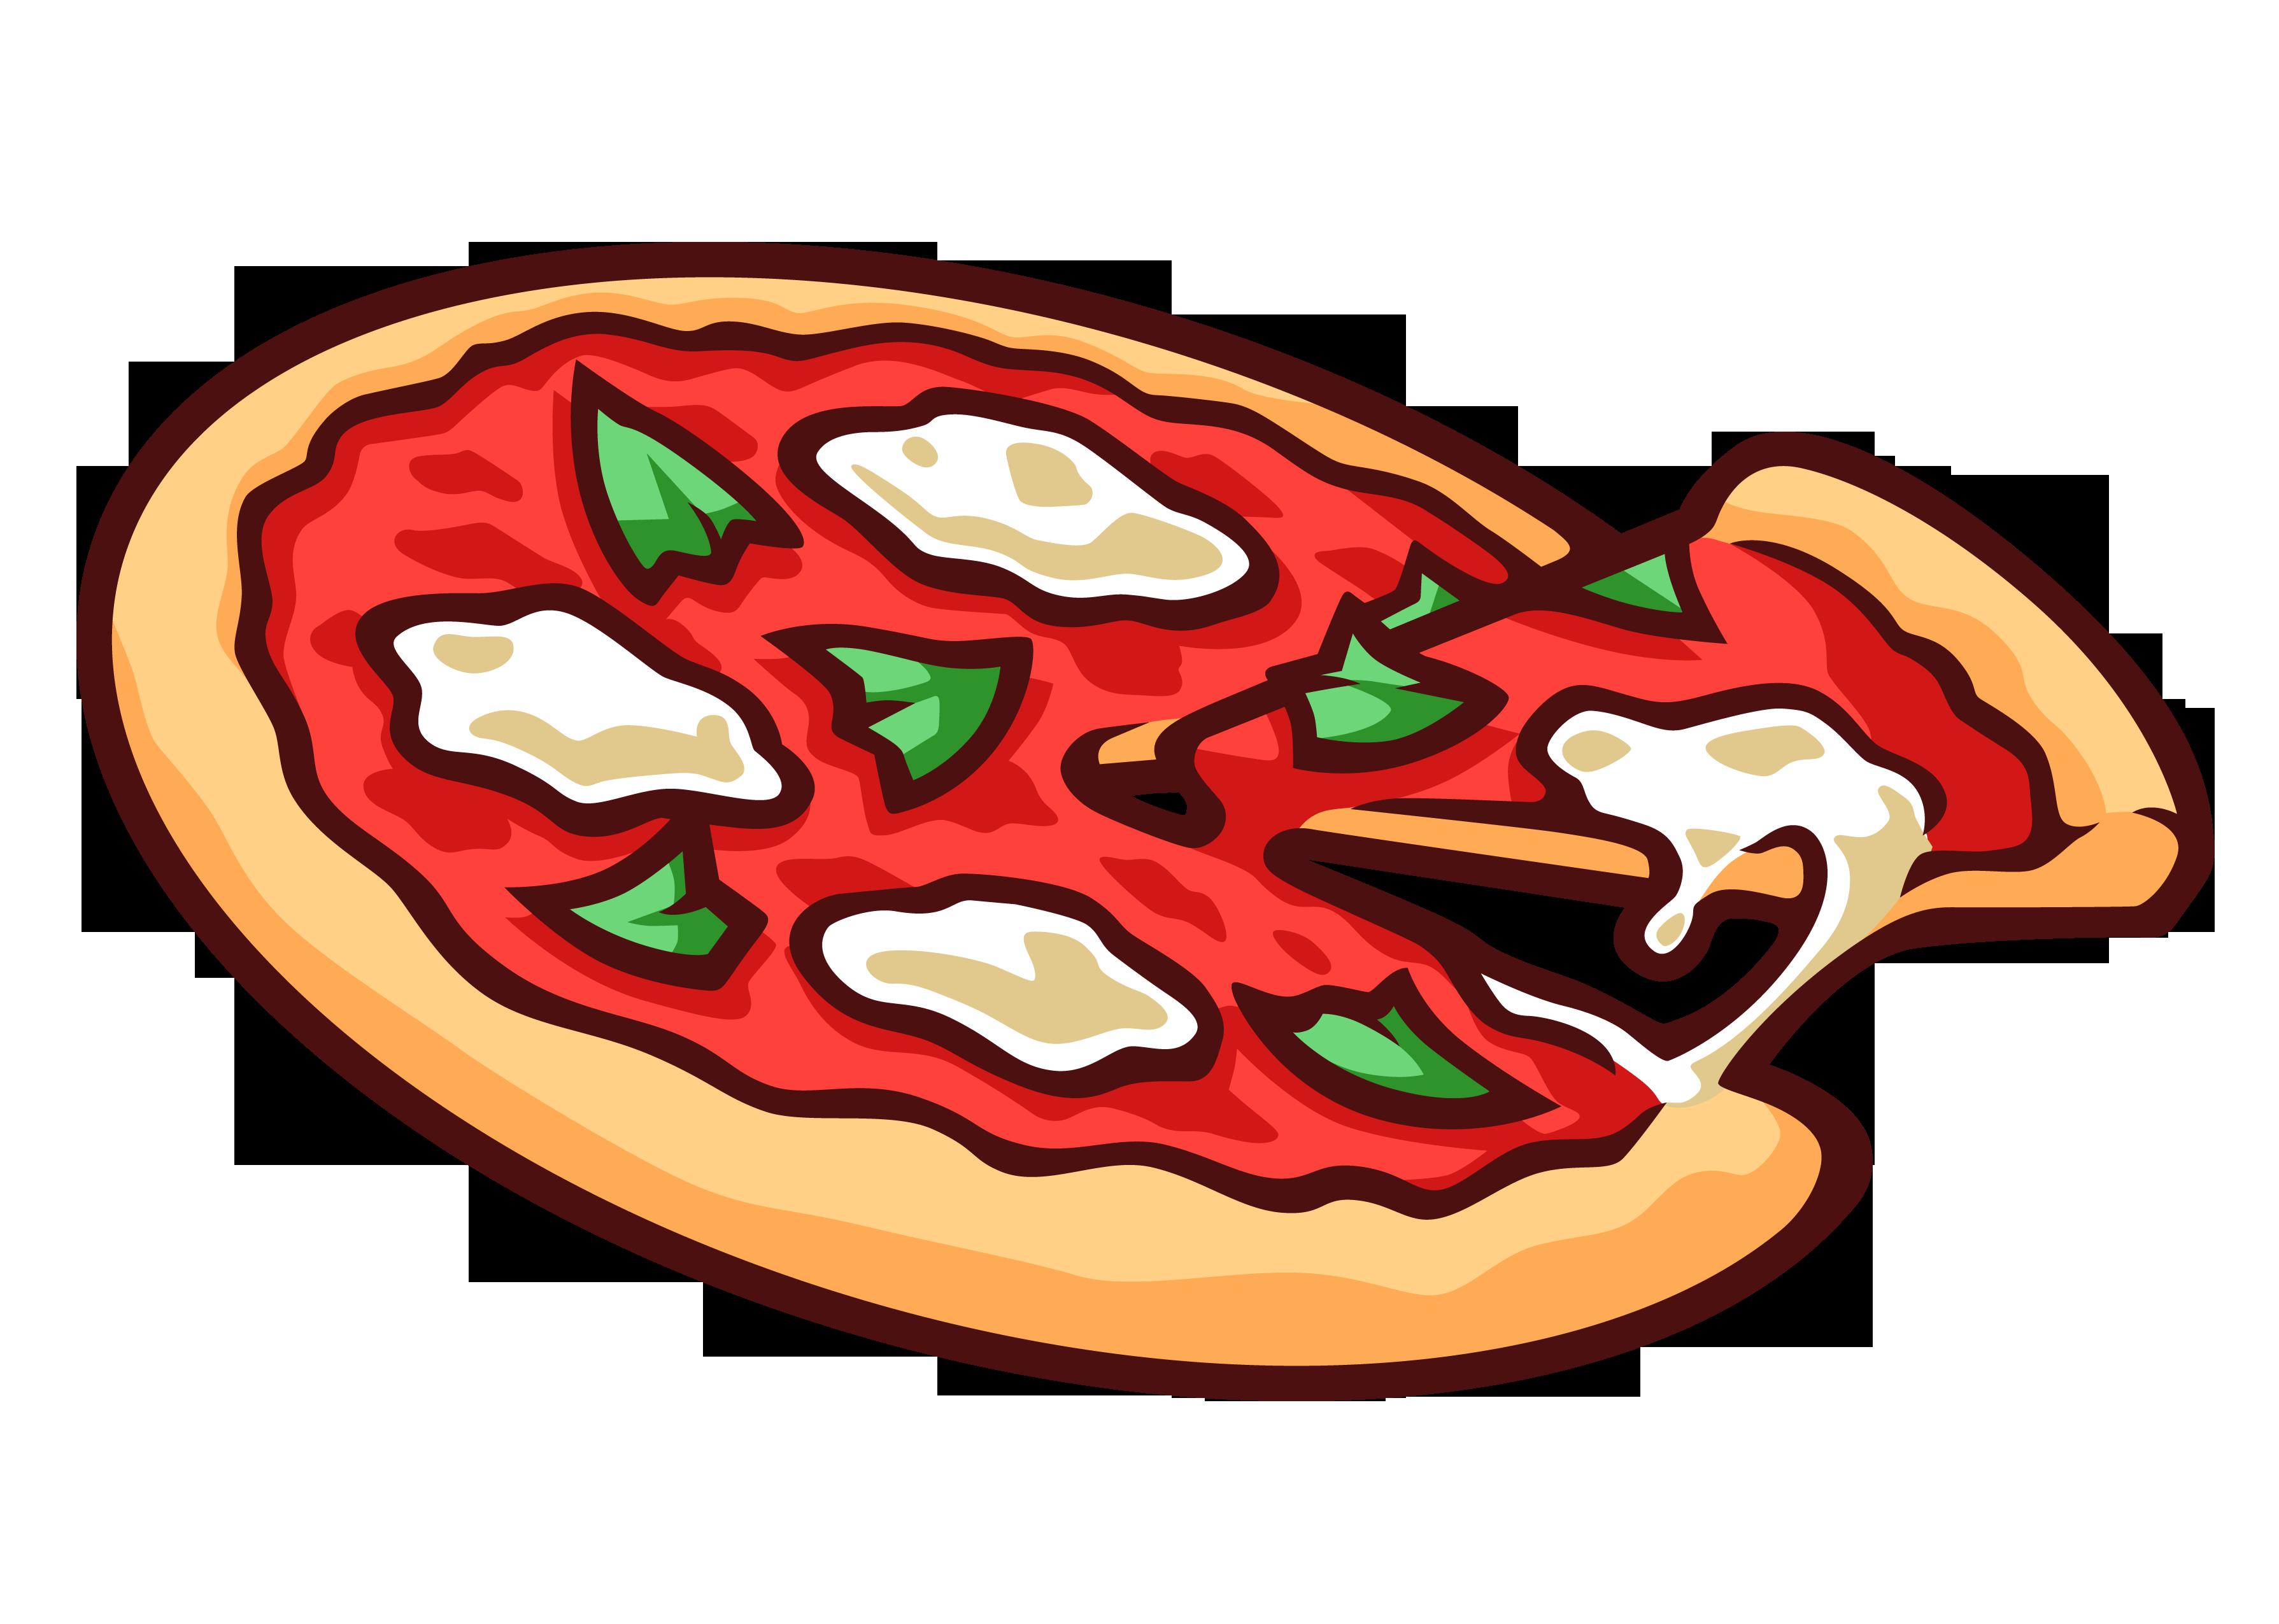 3579x2551 Pizza Vectors